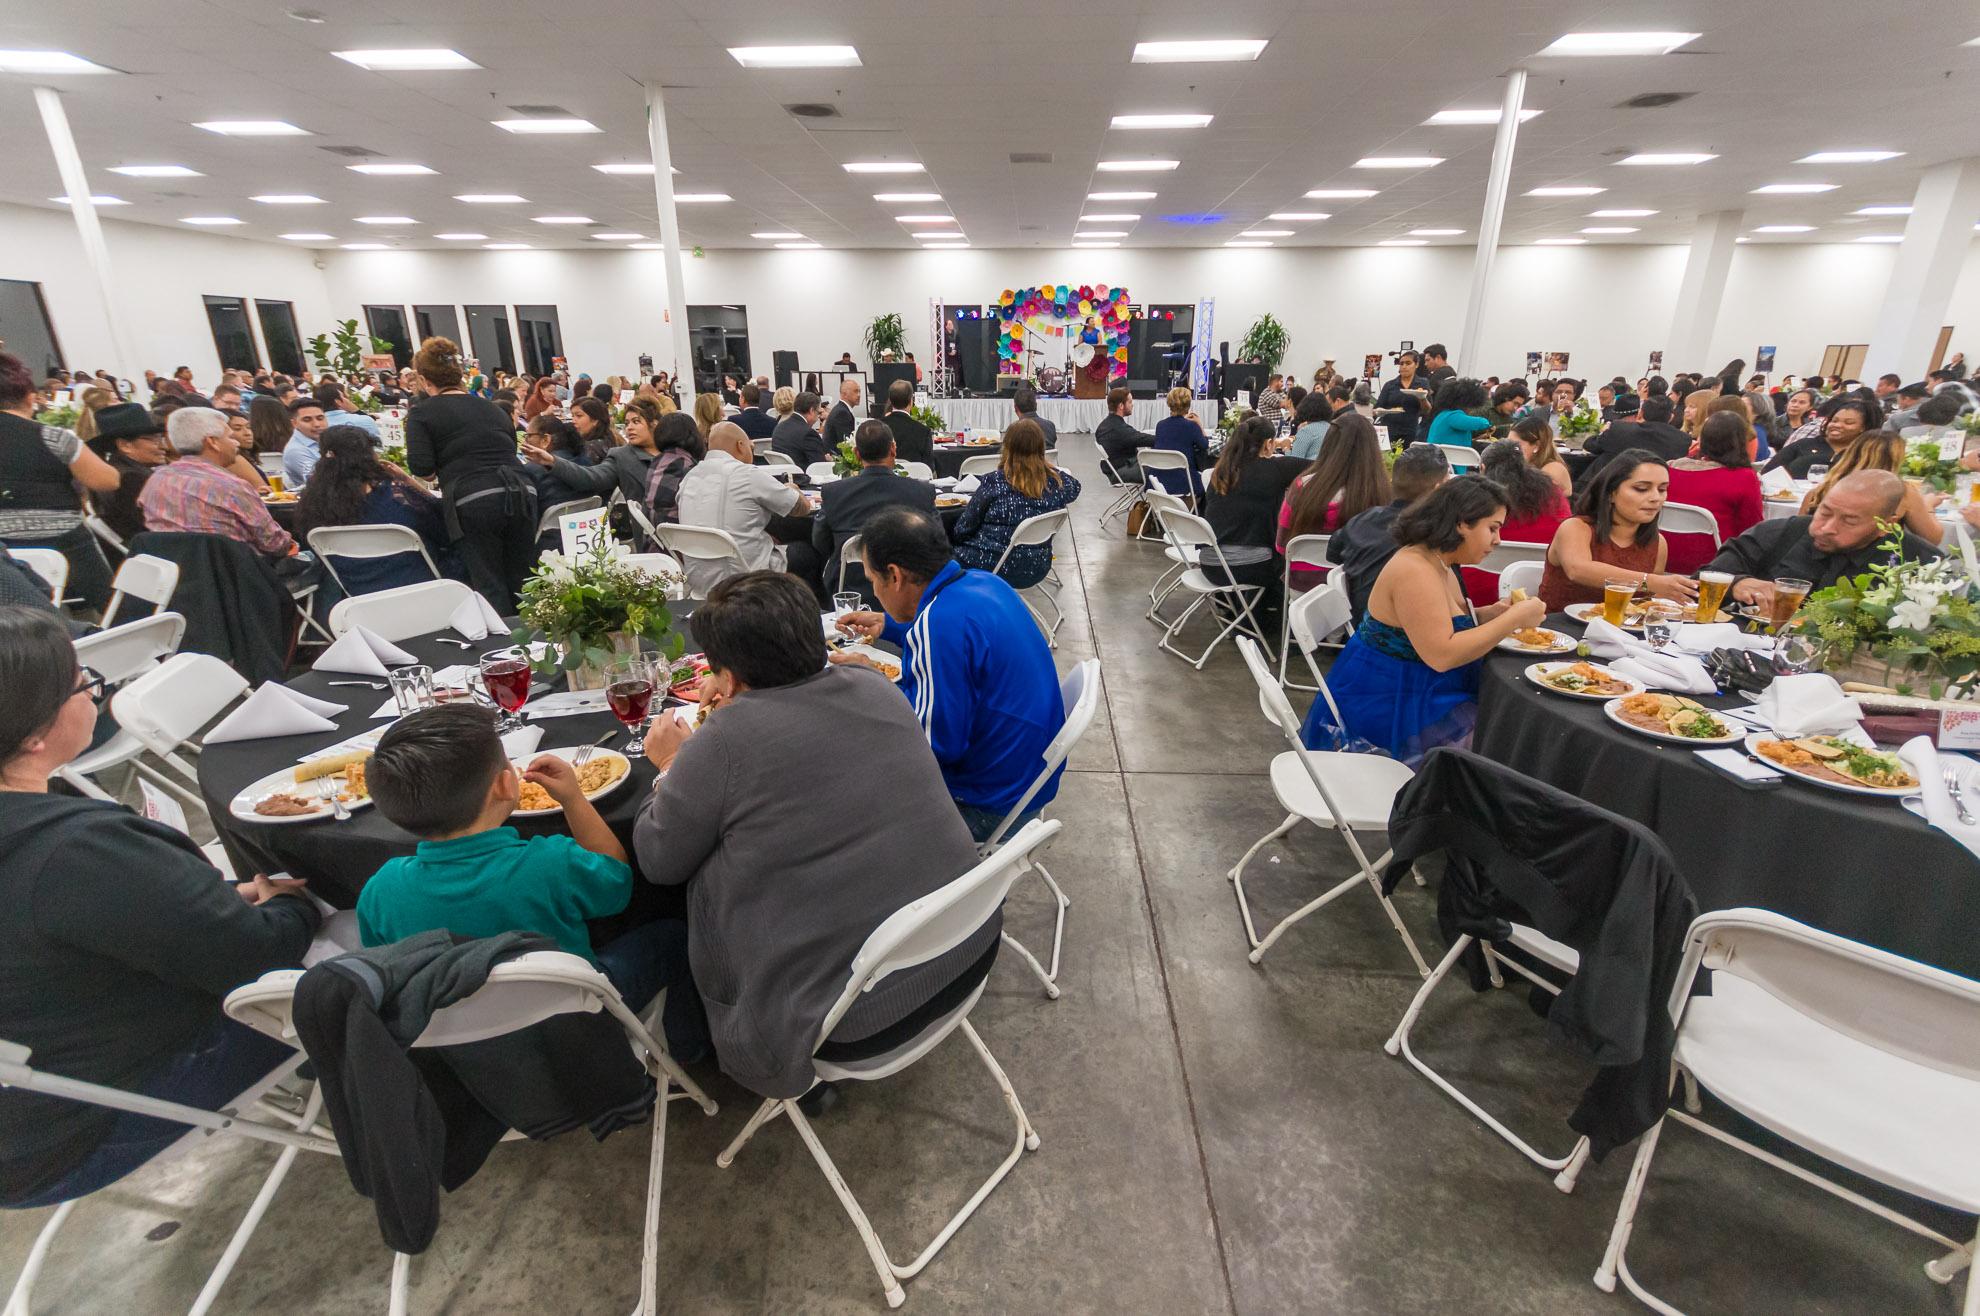 2017-11-17 Celebrando Liderazgo Dinner